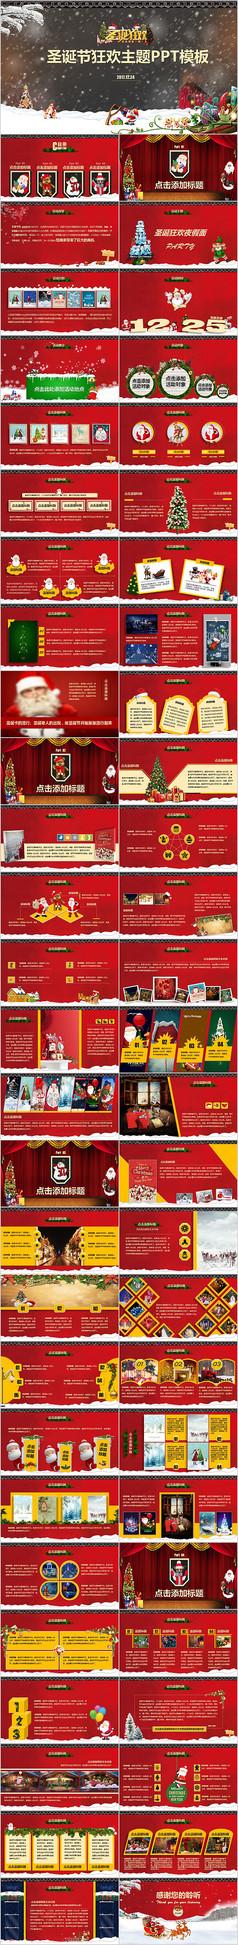 圣诞节狂欢主题ppt模板